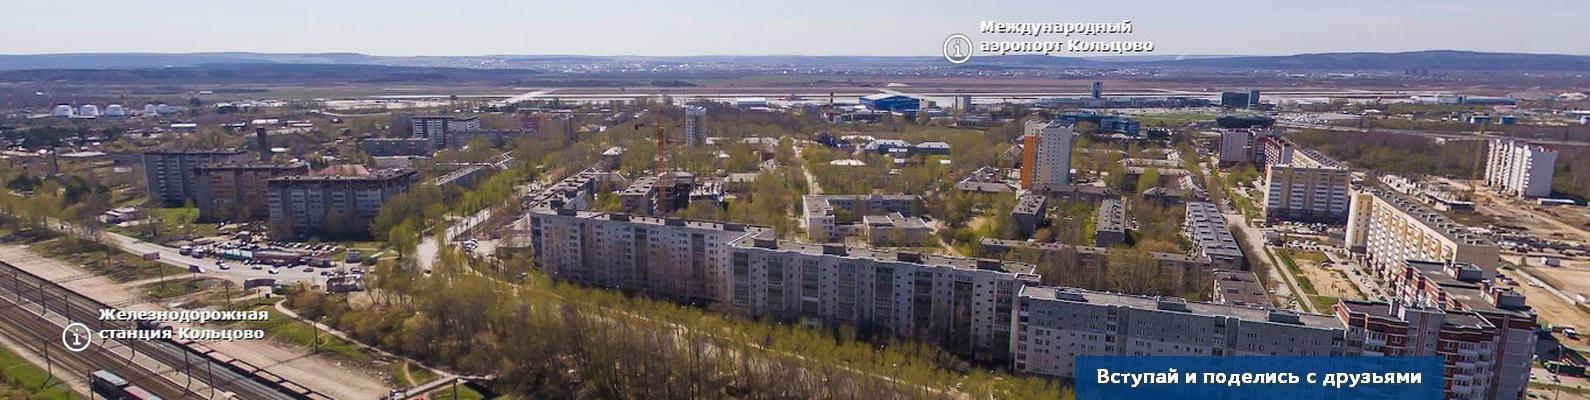 очень район кольцово в екатеринбурге фото поплавка